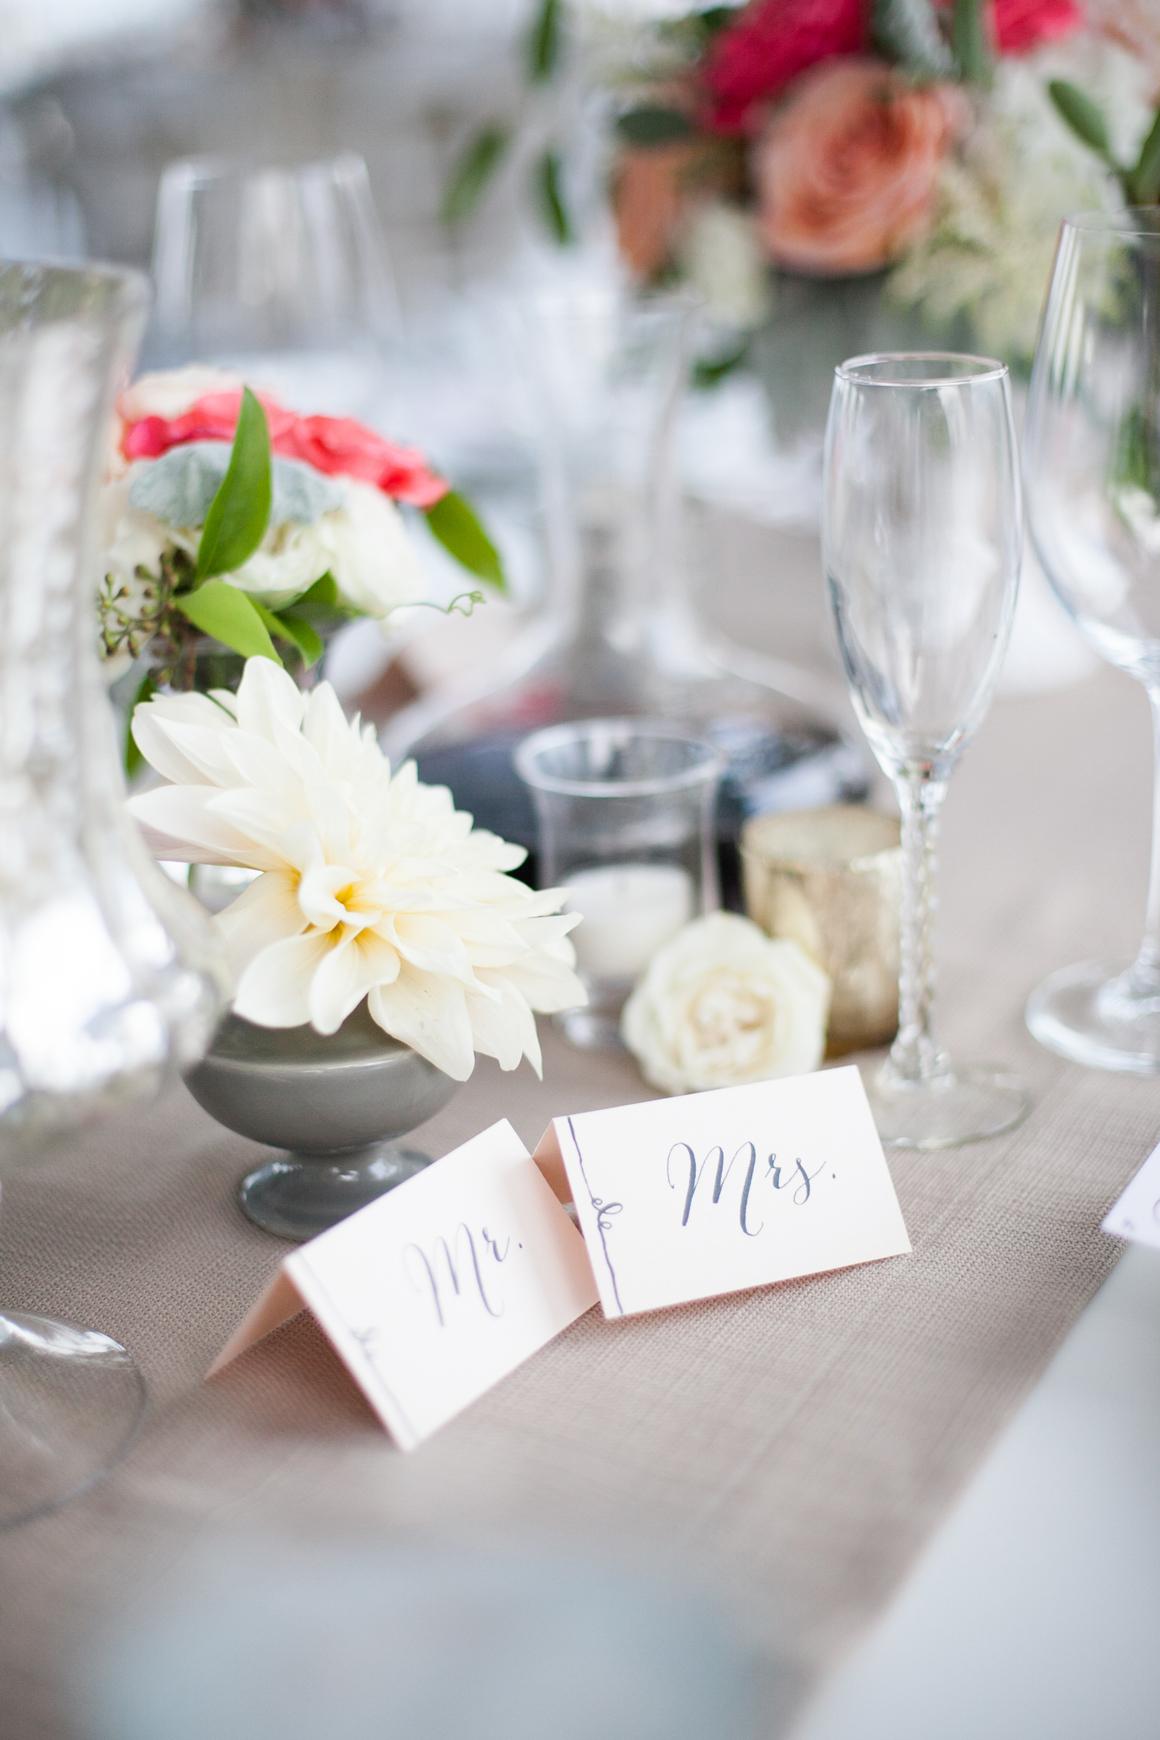 placecards-bride-groom.jpg